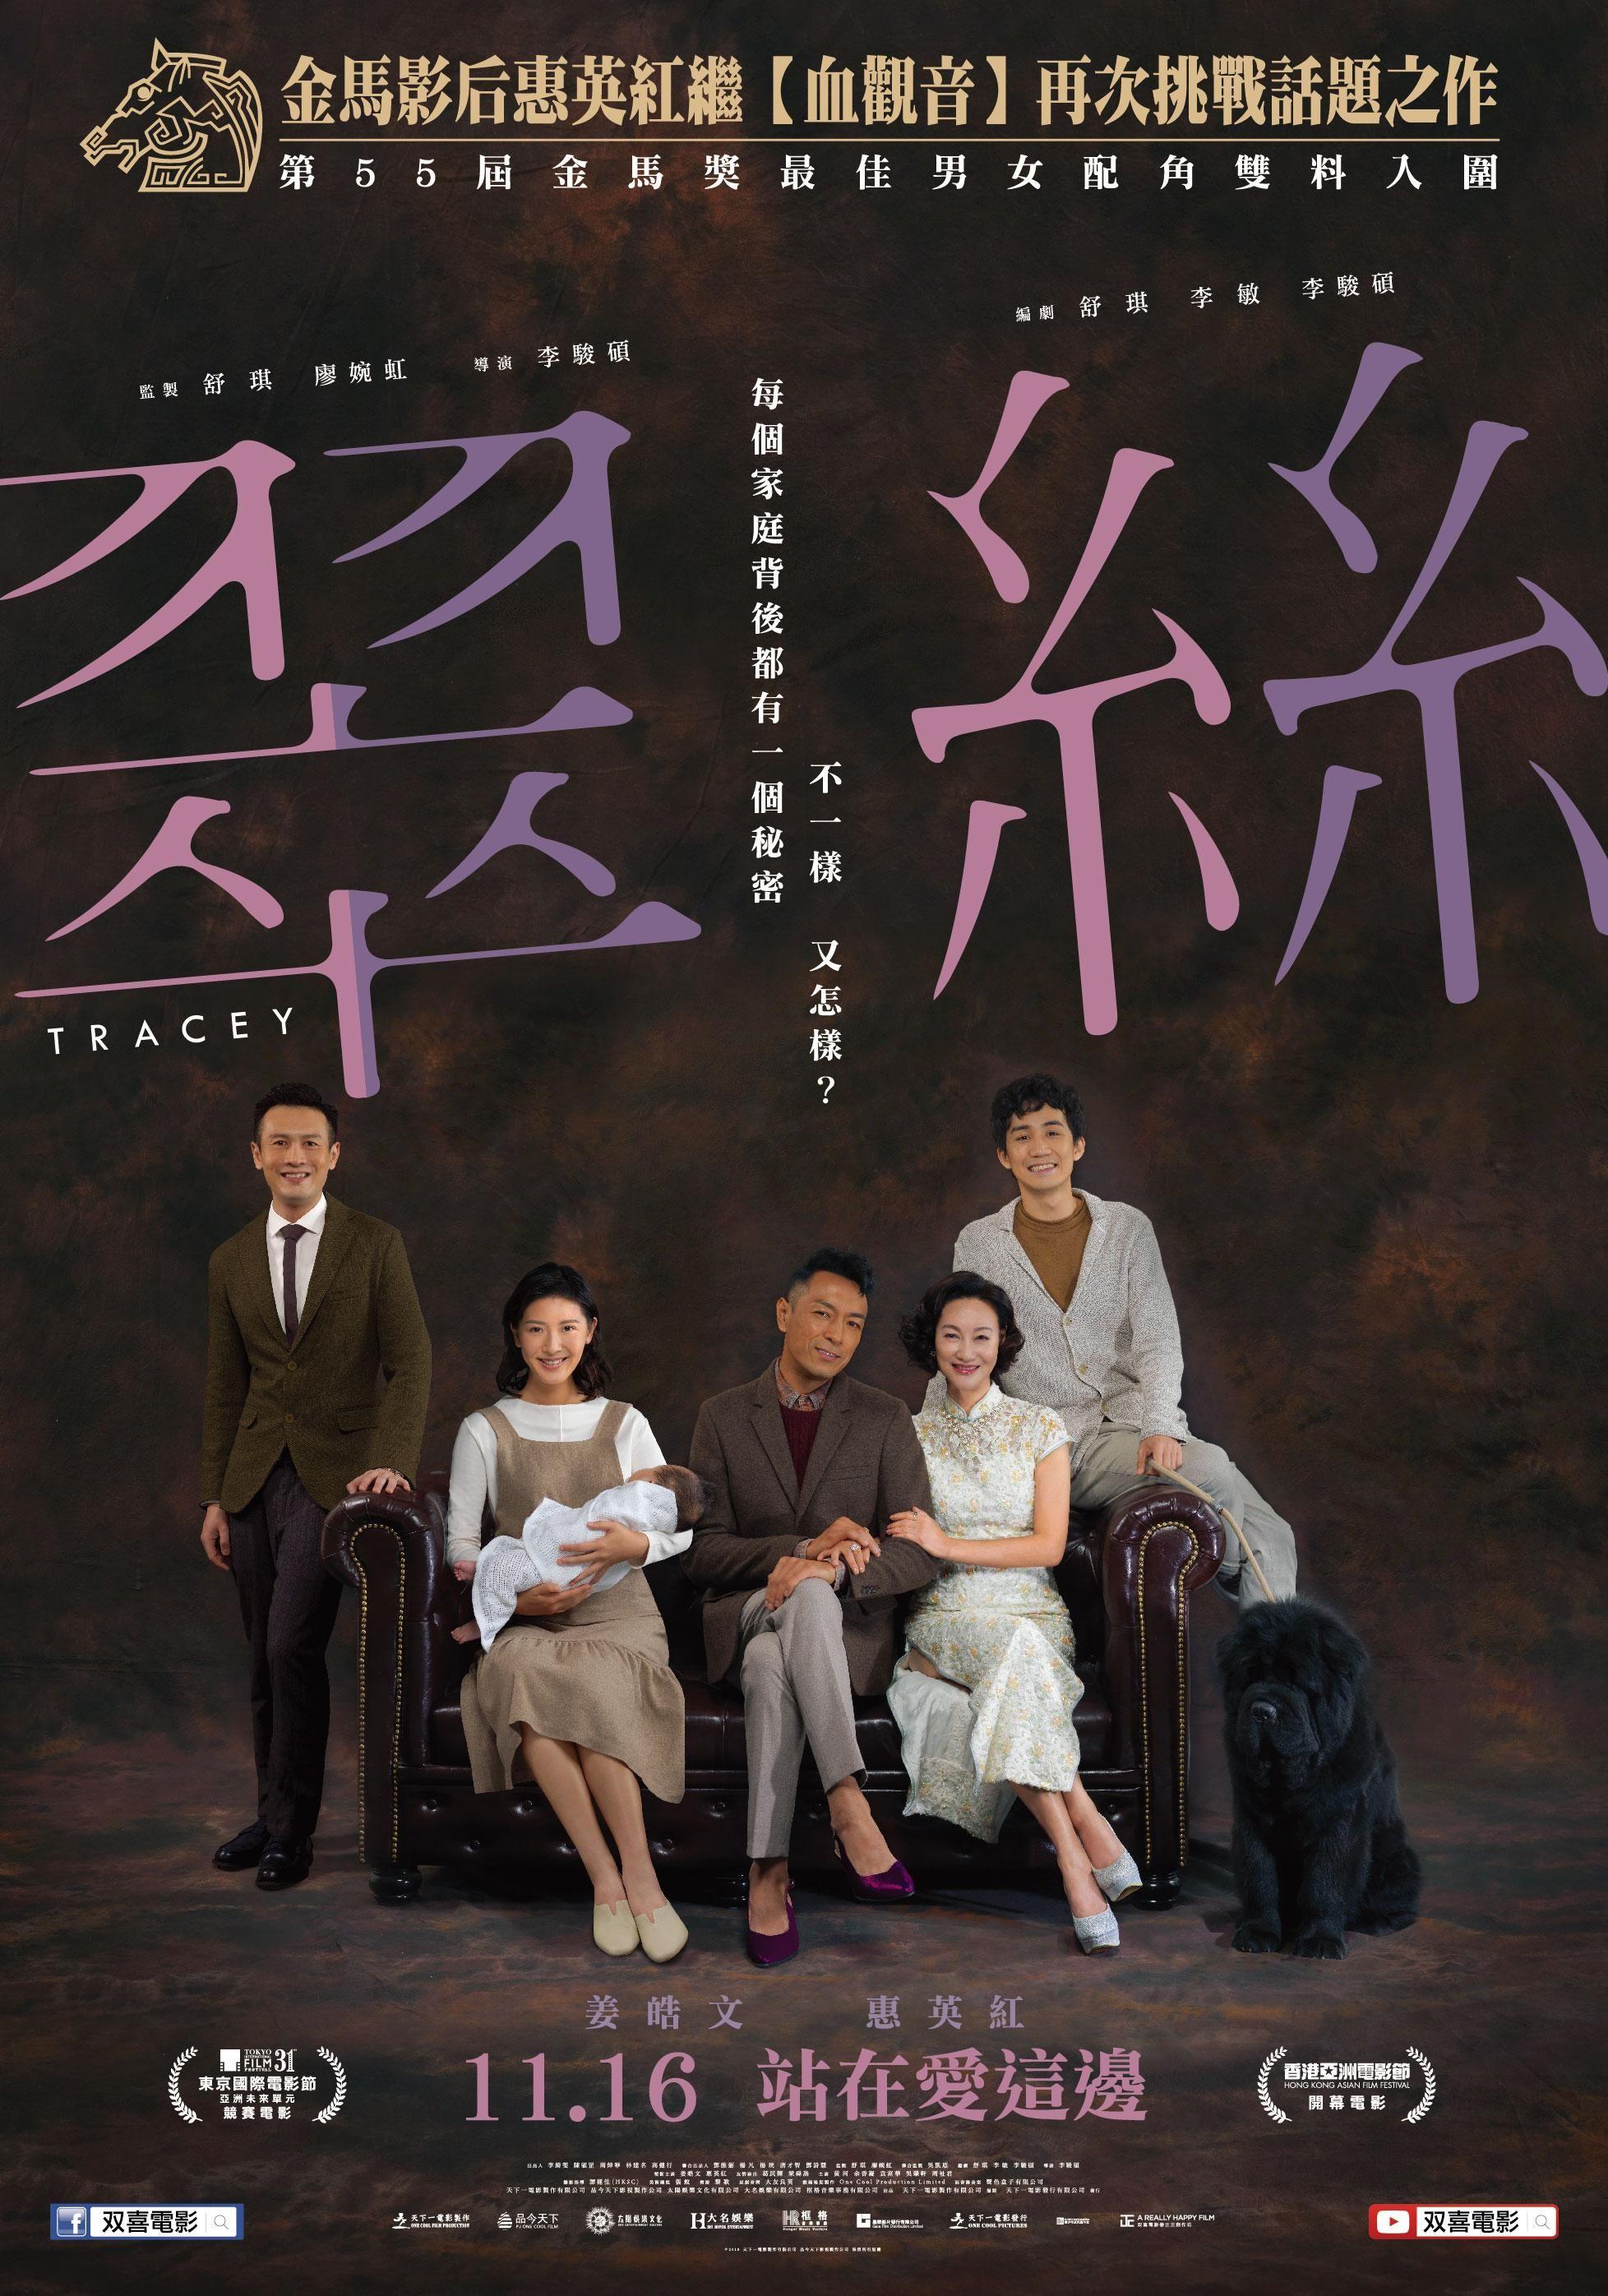 翠絲|Tracey |119min/2018 |#李駿碩 #姜皓文 #惠英紅 #黃河 #袁富華 #余香凝 |#Drama #HongKong # Movie #Poster